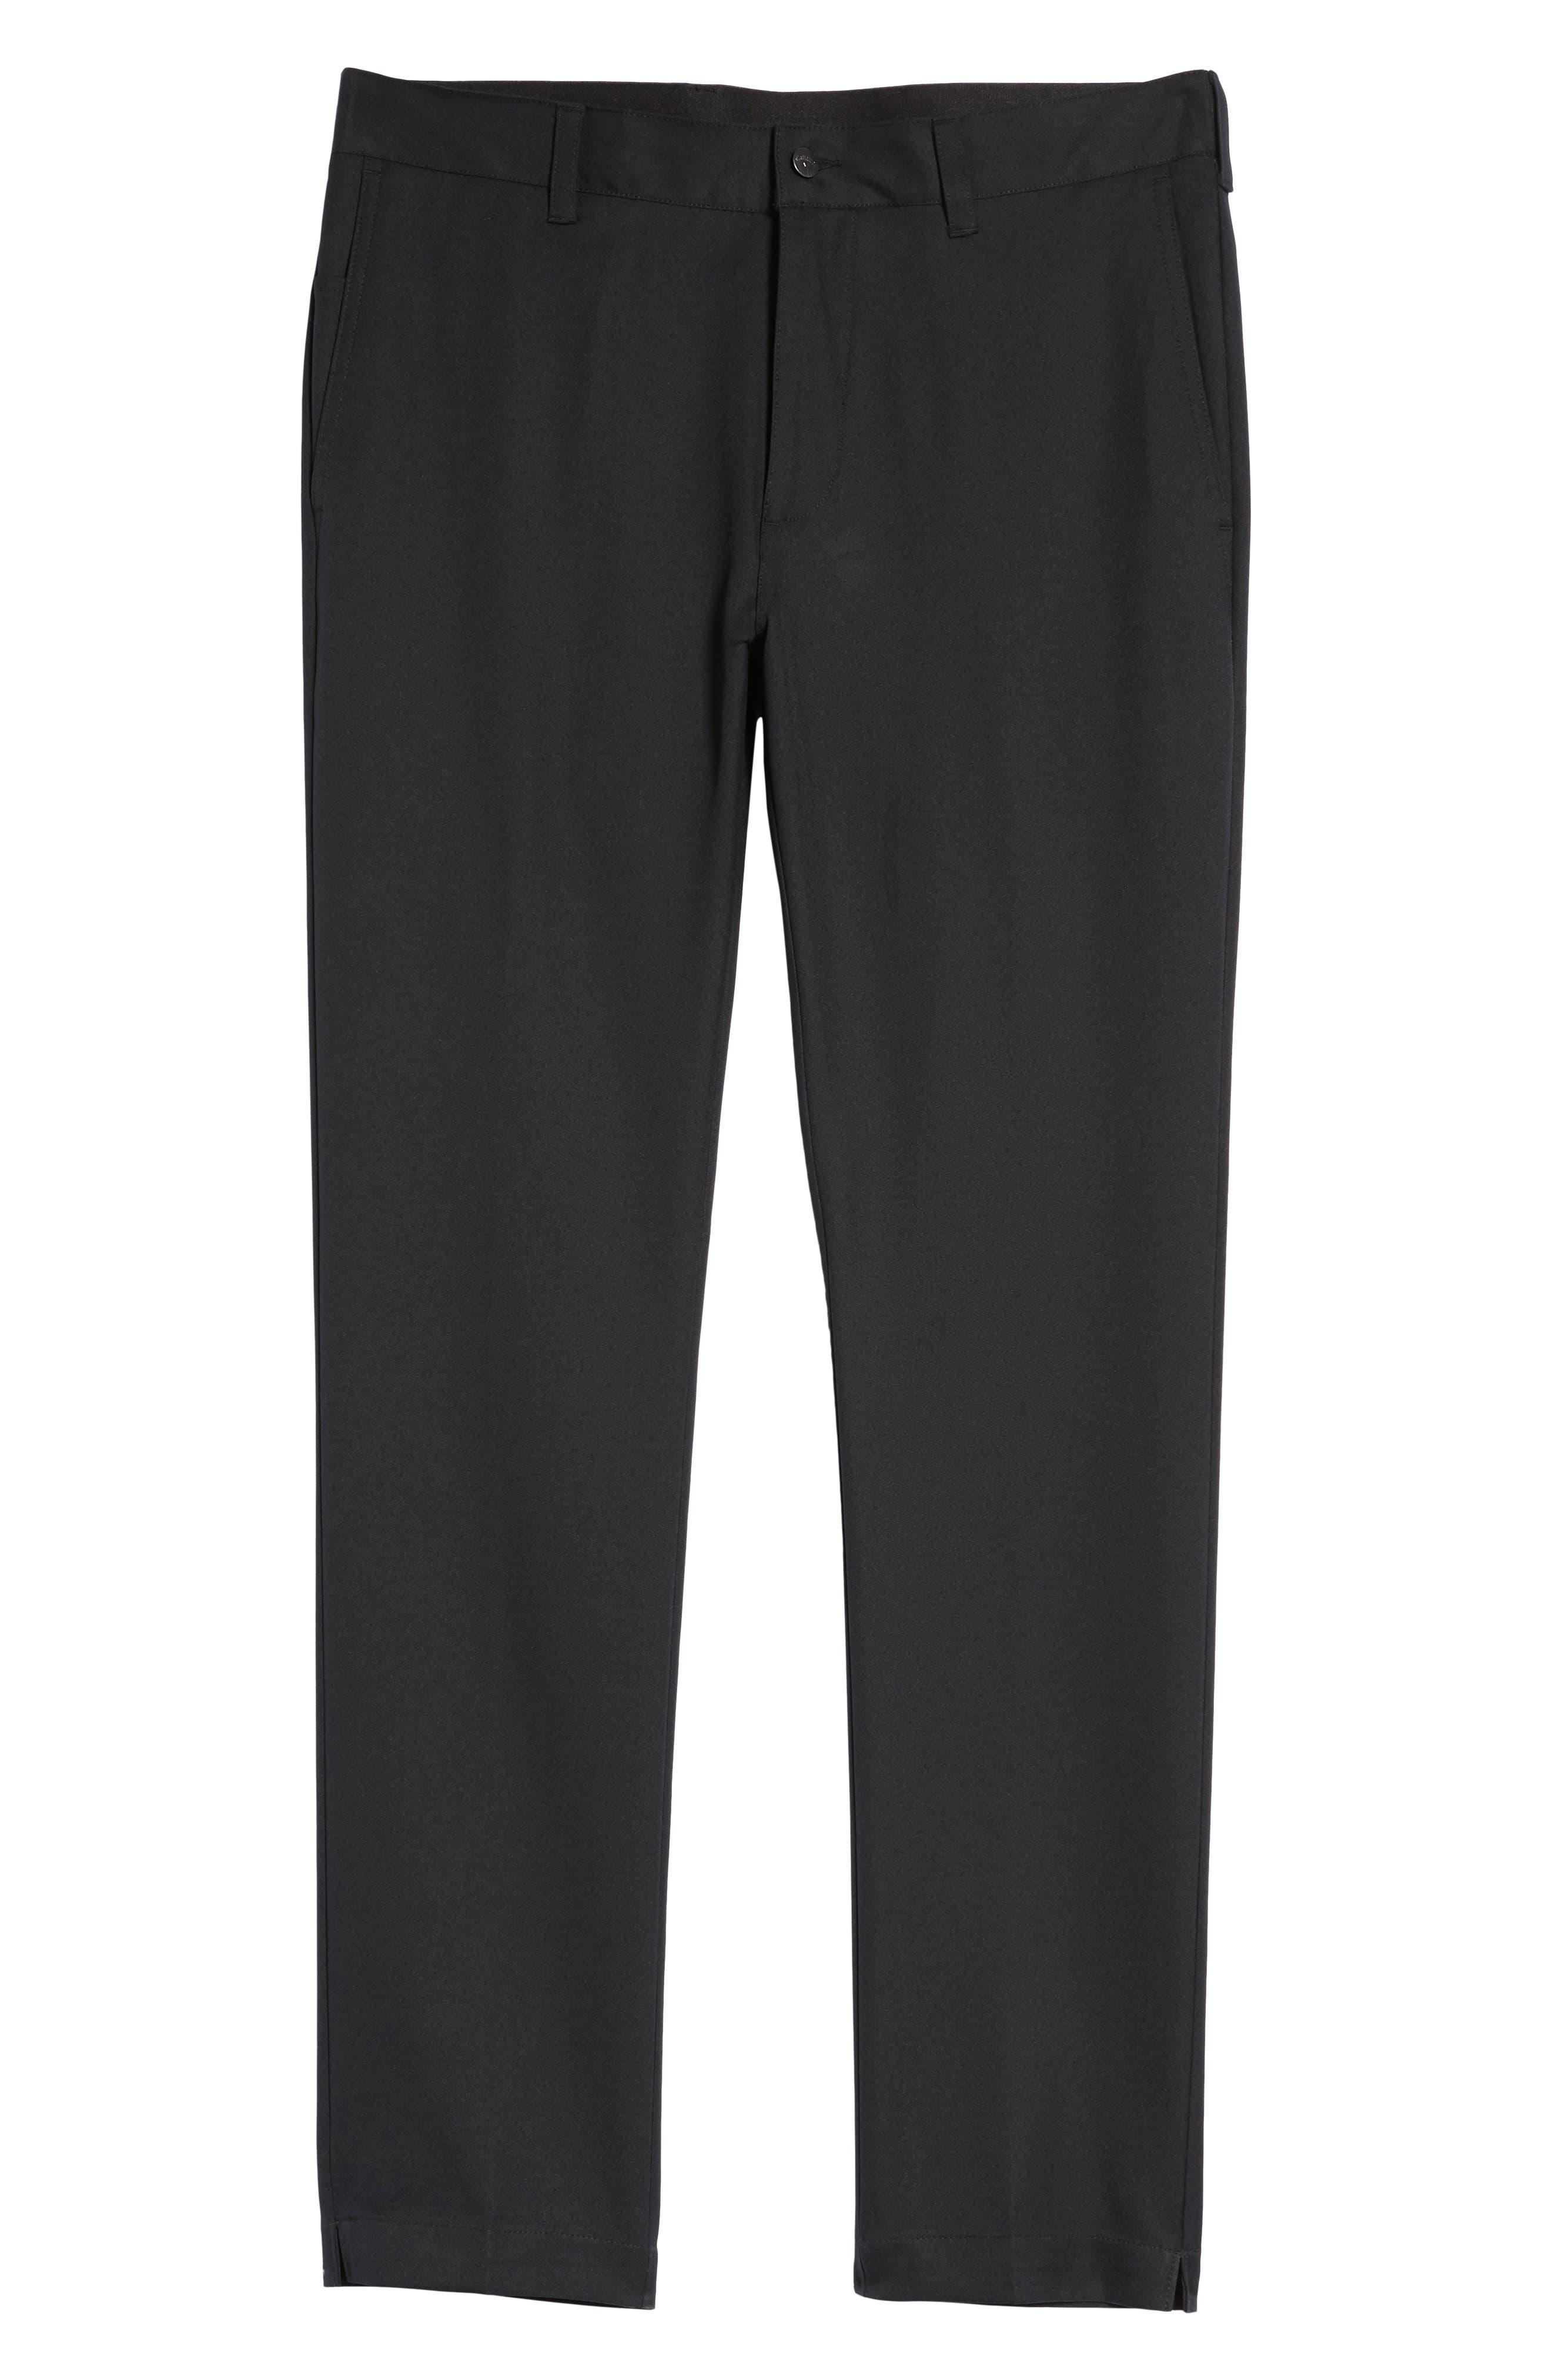 Tech Slim Fit Pants,                             Alternate thumbnail 16, color,